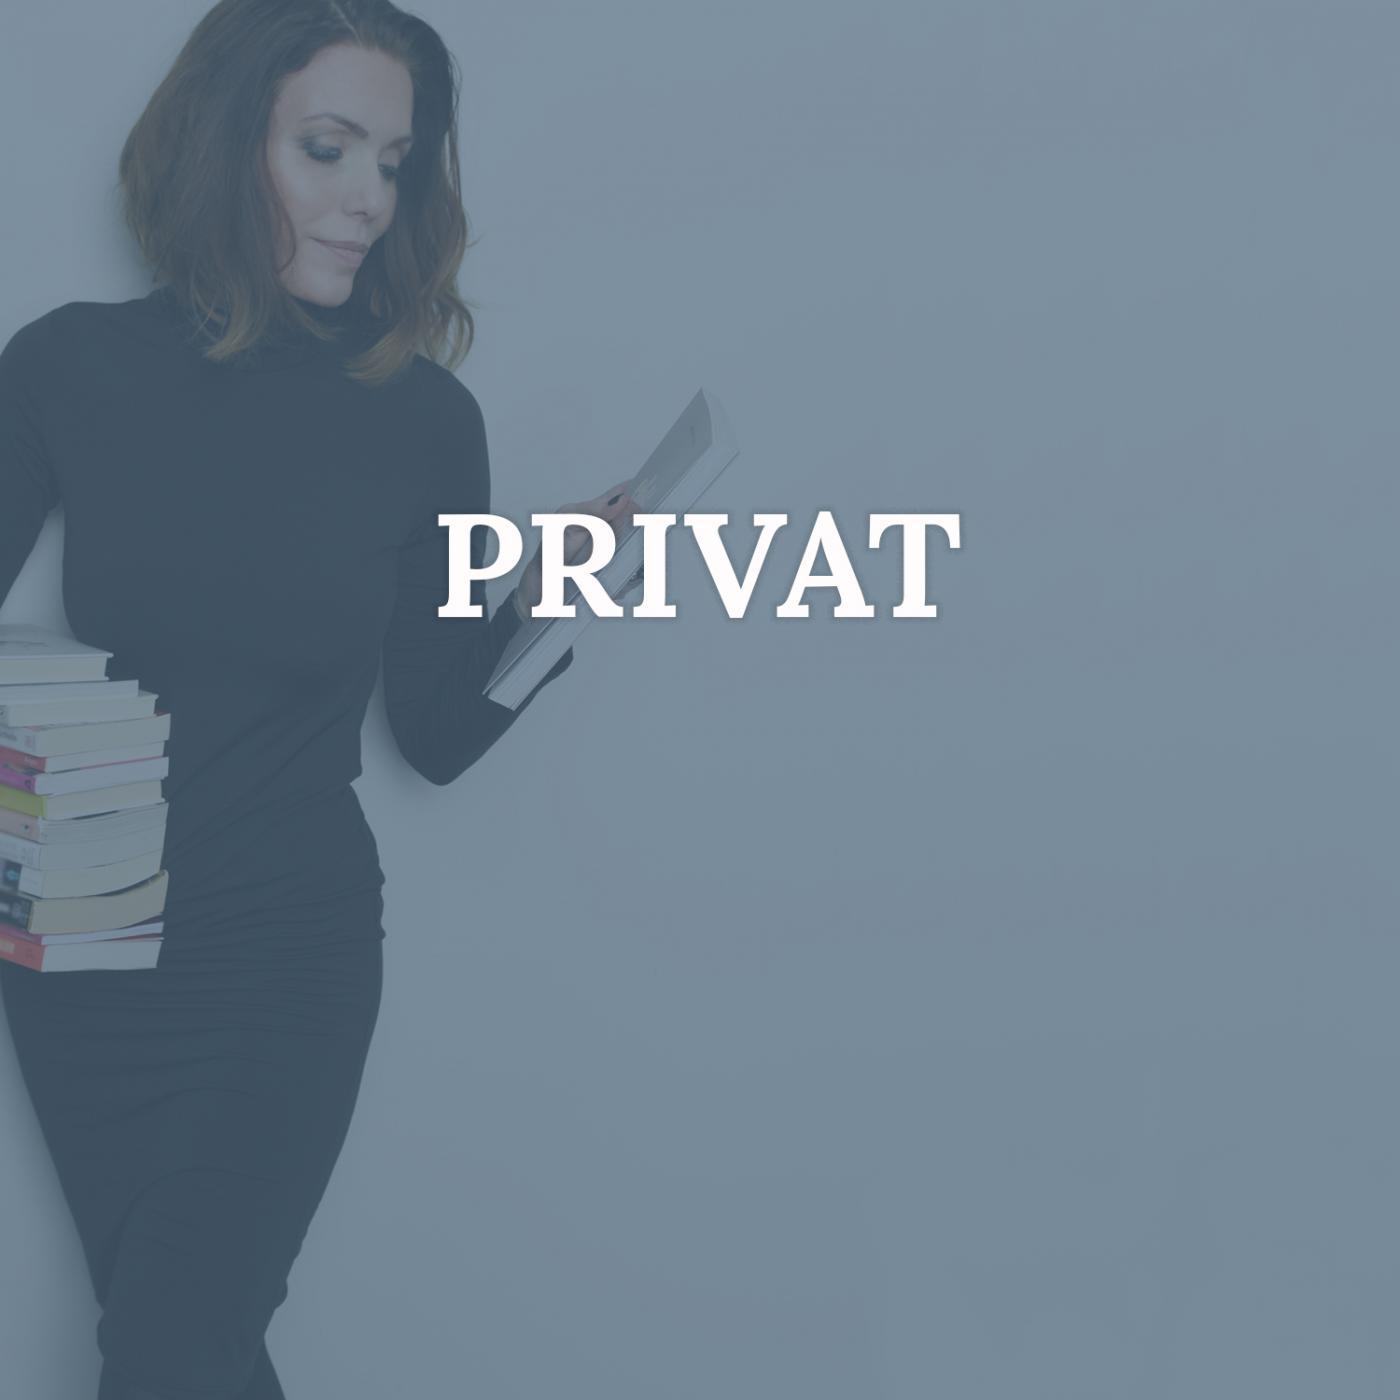 Privat - Hvad nu hvis?